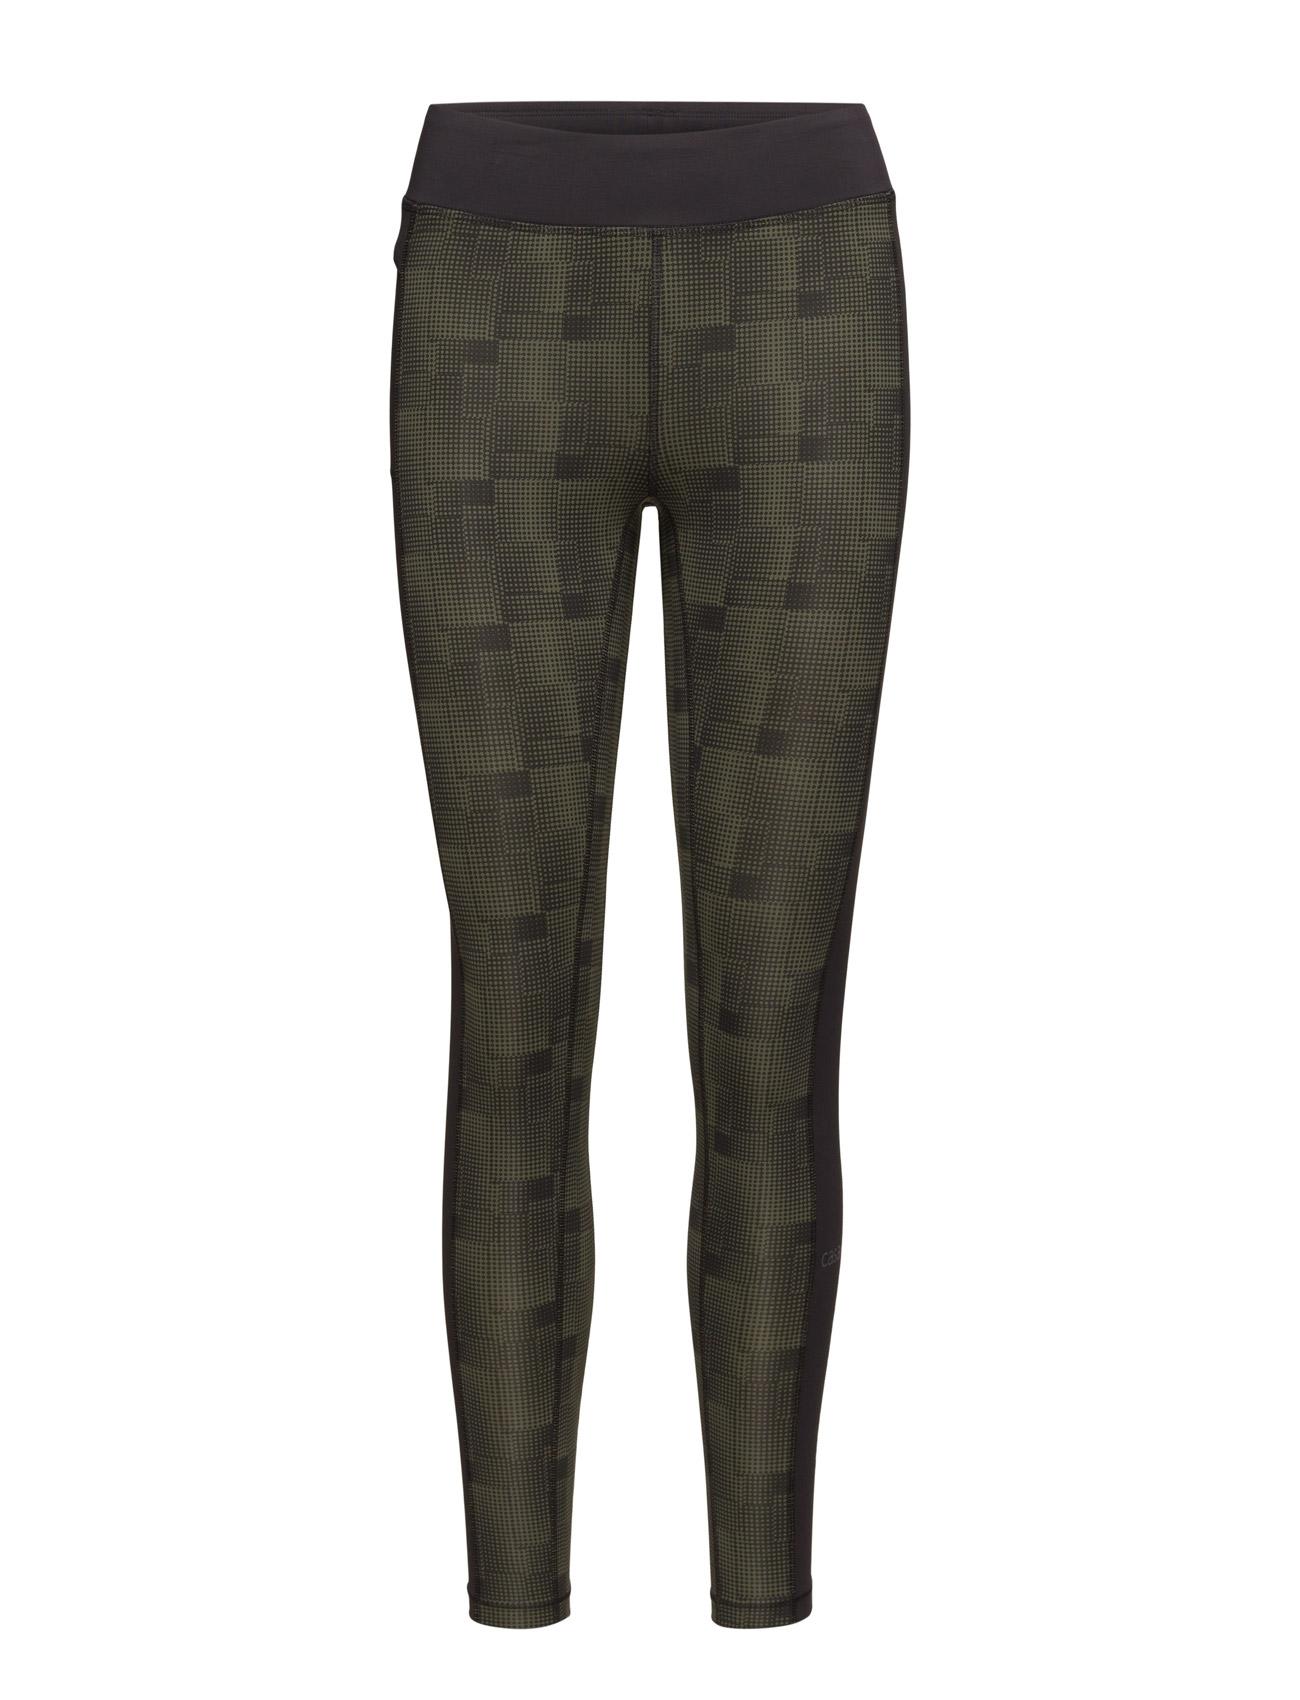 Dot Com 7/8 Tights Casall Trænings leggings til Kvinder i